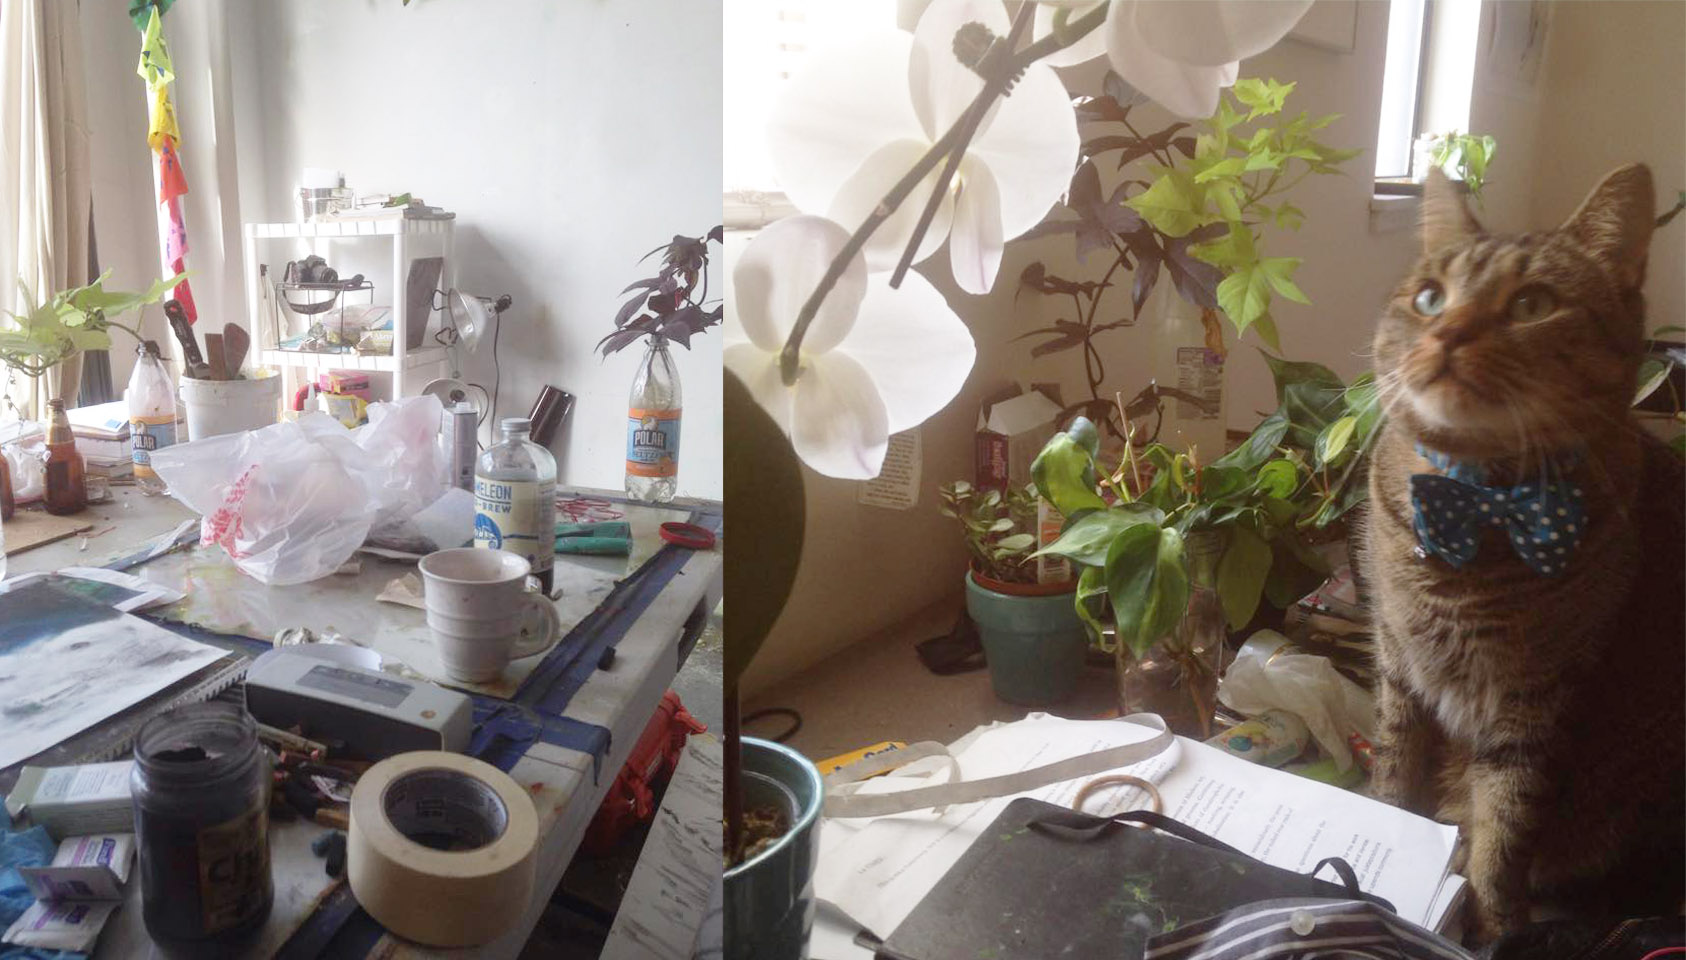 Rosie's Workspace